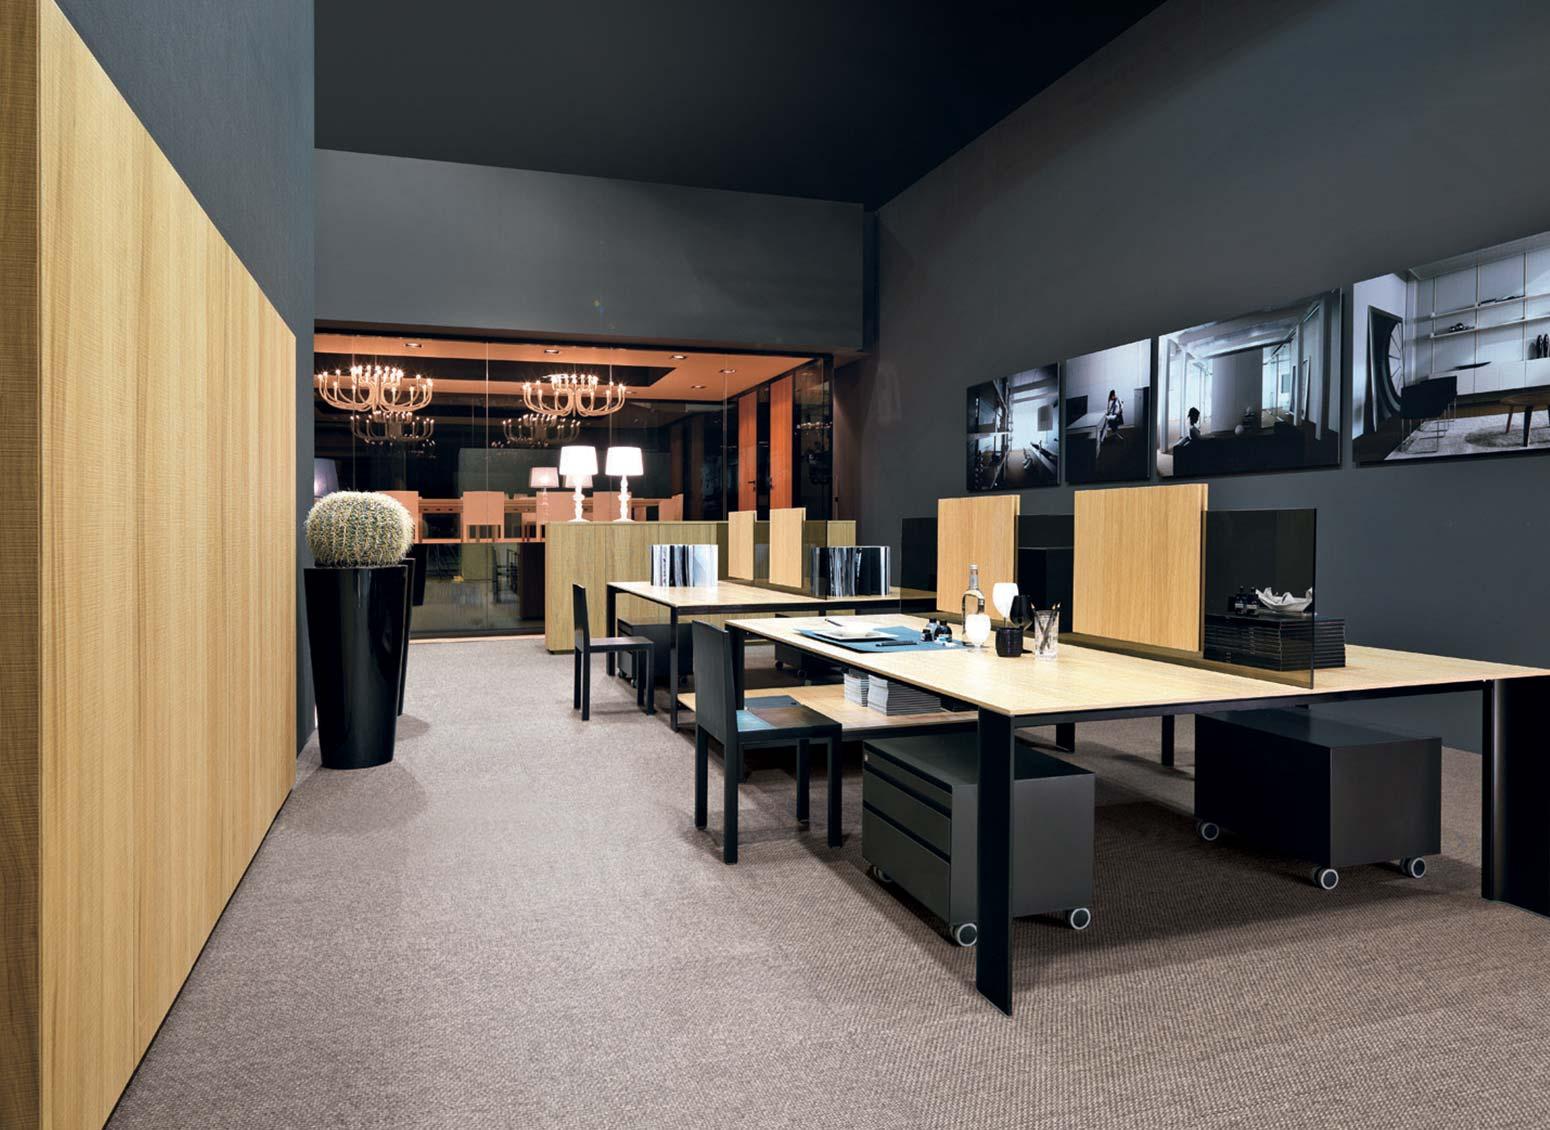 Quando l'eleganza incontra la funzionalità: 6 idee di tendenza per l'illuminazione dell'ufficio